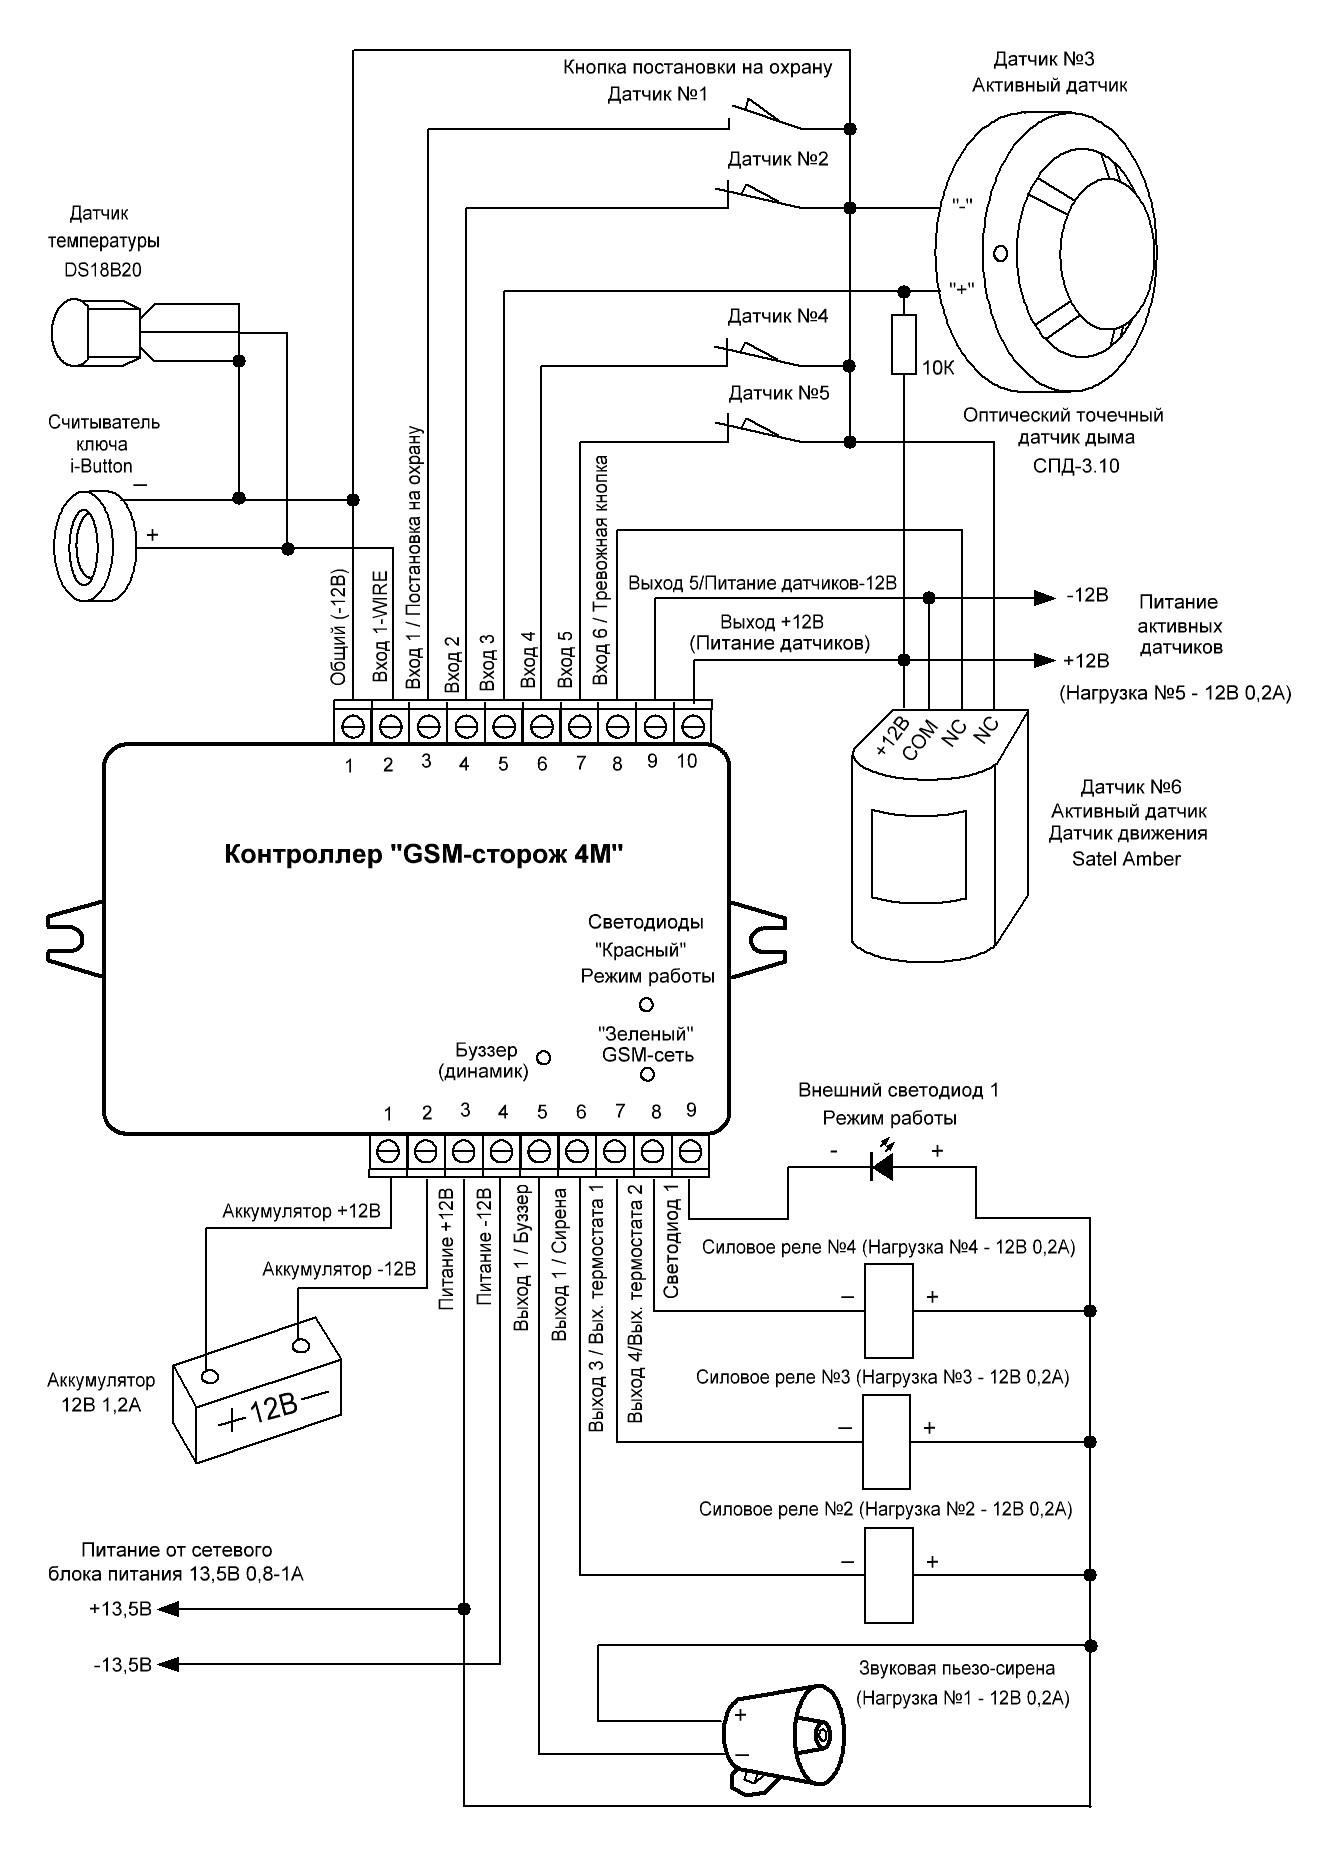 cocom 950 видиодомофон схема включения